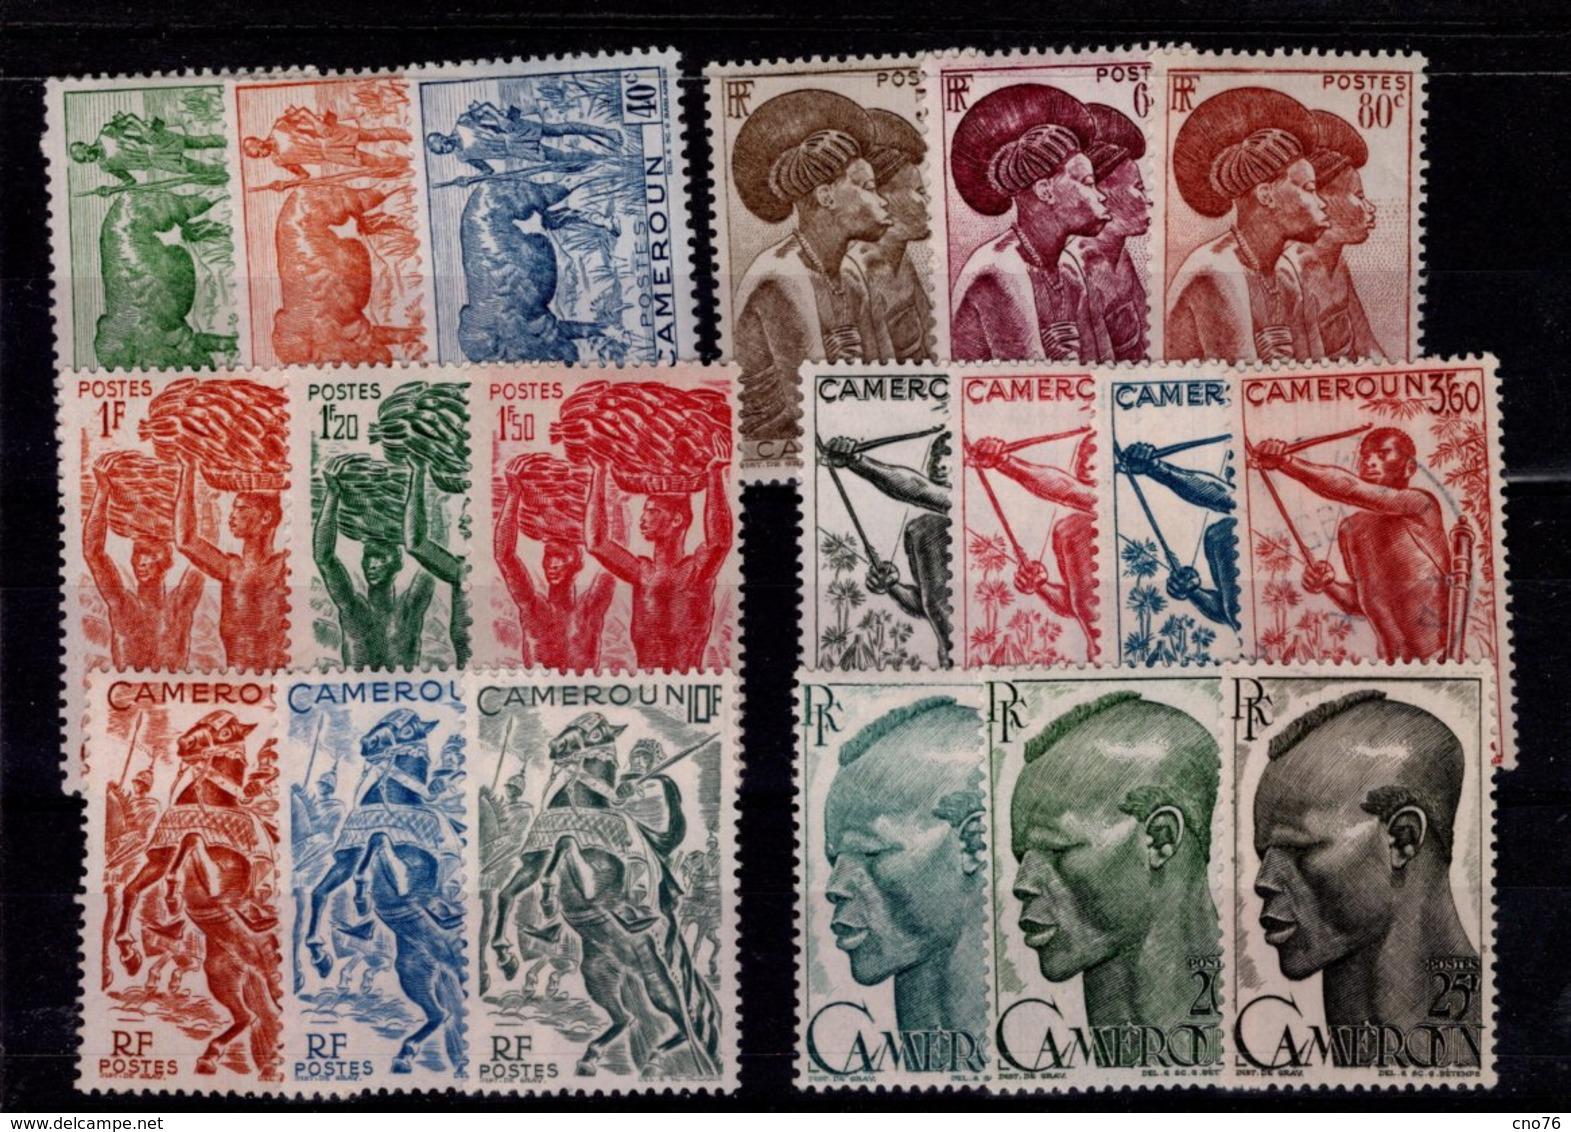 Cameroun 1946 N° 276 à 294 Timbres Neufs Avec Charnière * 18 Valeurs Le N° 287 Est Oblitéré - Cameroun (1915-1959)